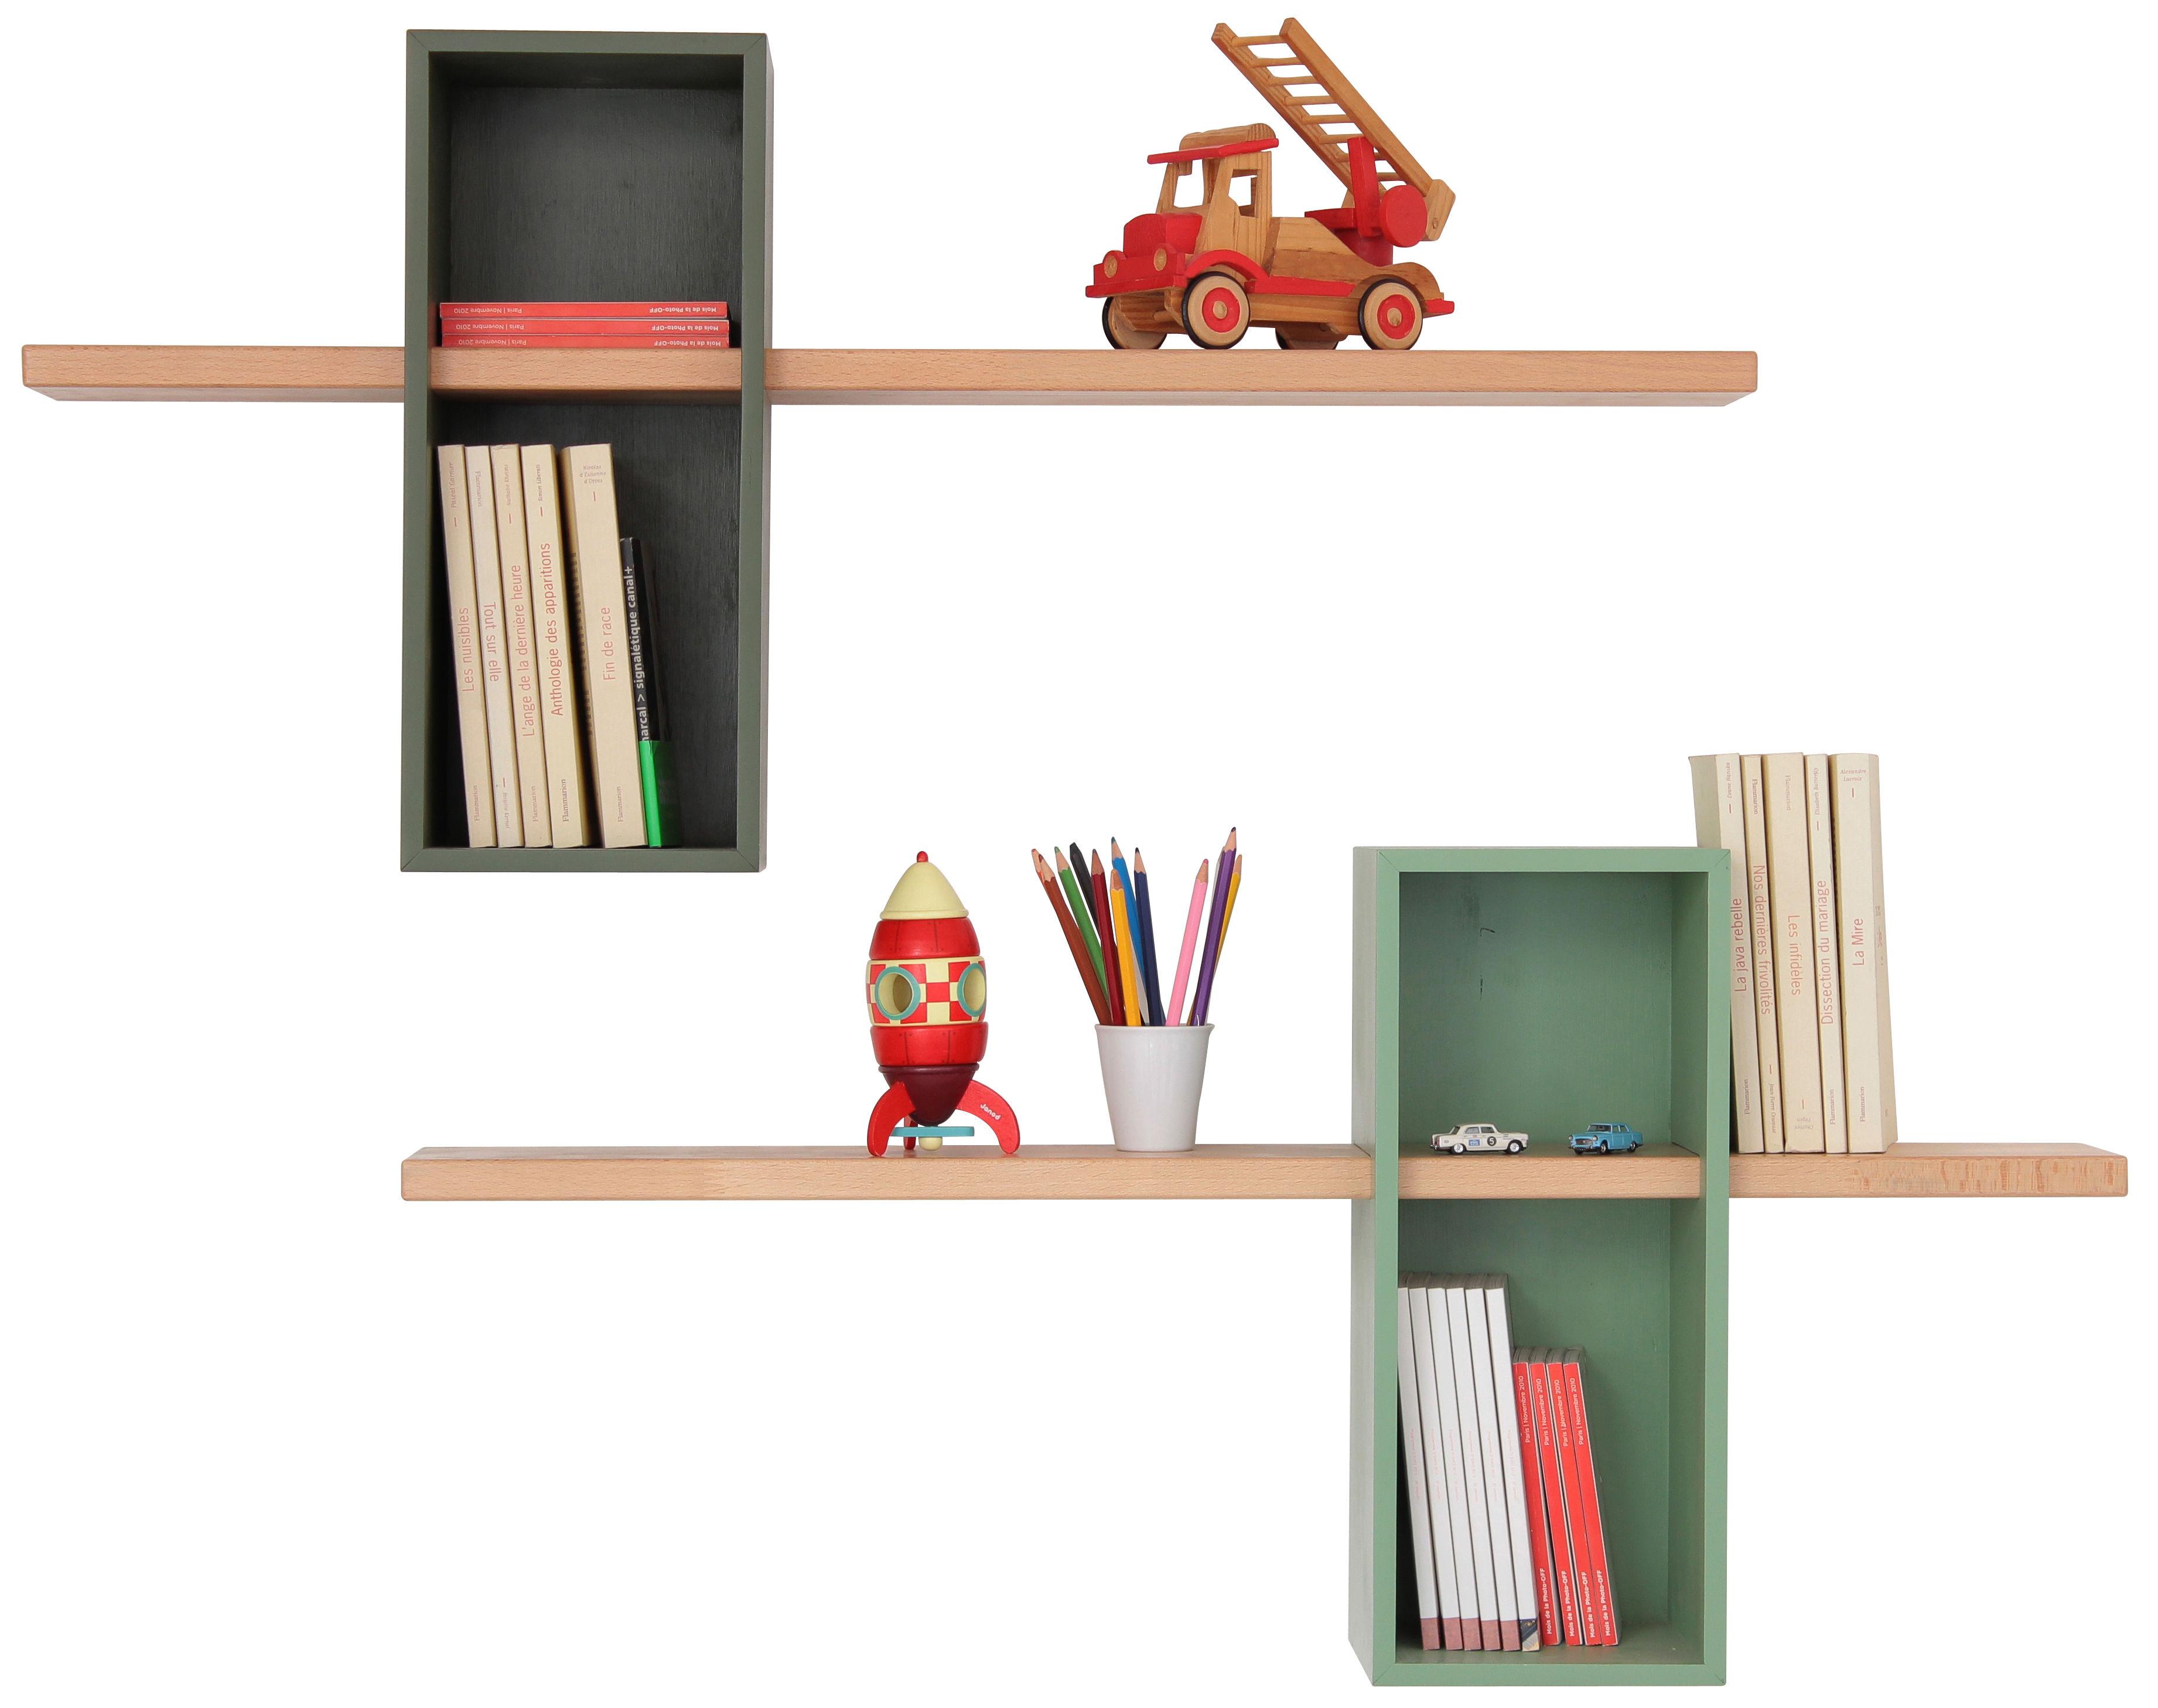 Möbel - Regale und Bücherregale - Max XL Regal / einfach - 2 Boxen + 2 Regalbretter - Compagnie - Olivgrün / hellgrün - massive Buche, mitteldichte bemalte Holzfaserplatte